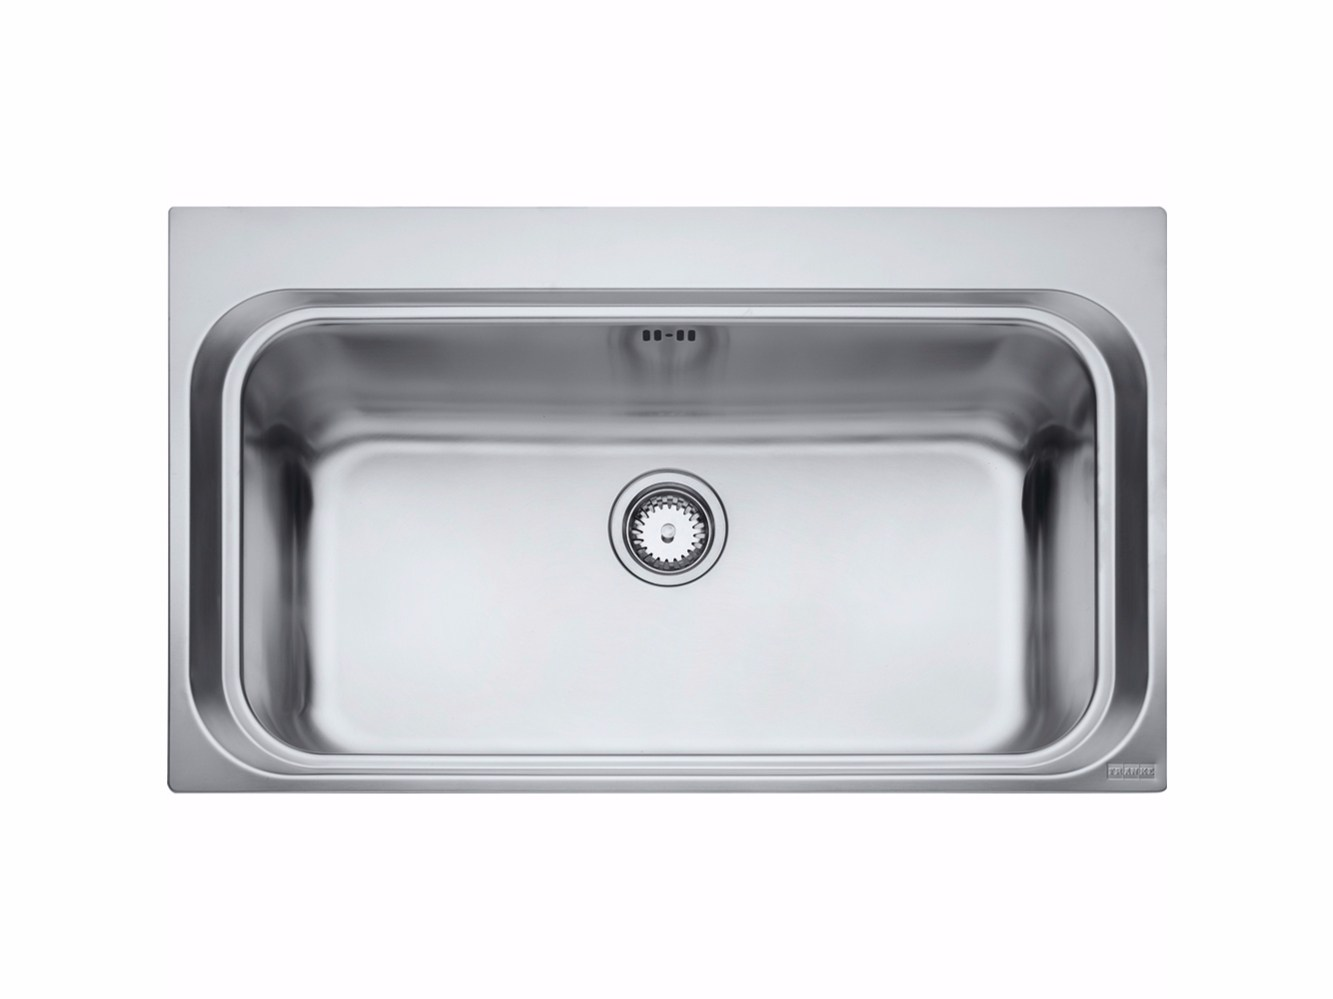 Lavello franke aex 610 termosifoni in ghisa scheda tecnica - Cucina acciaio prezzi ...